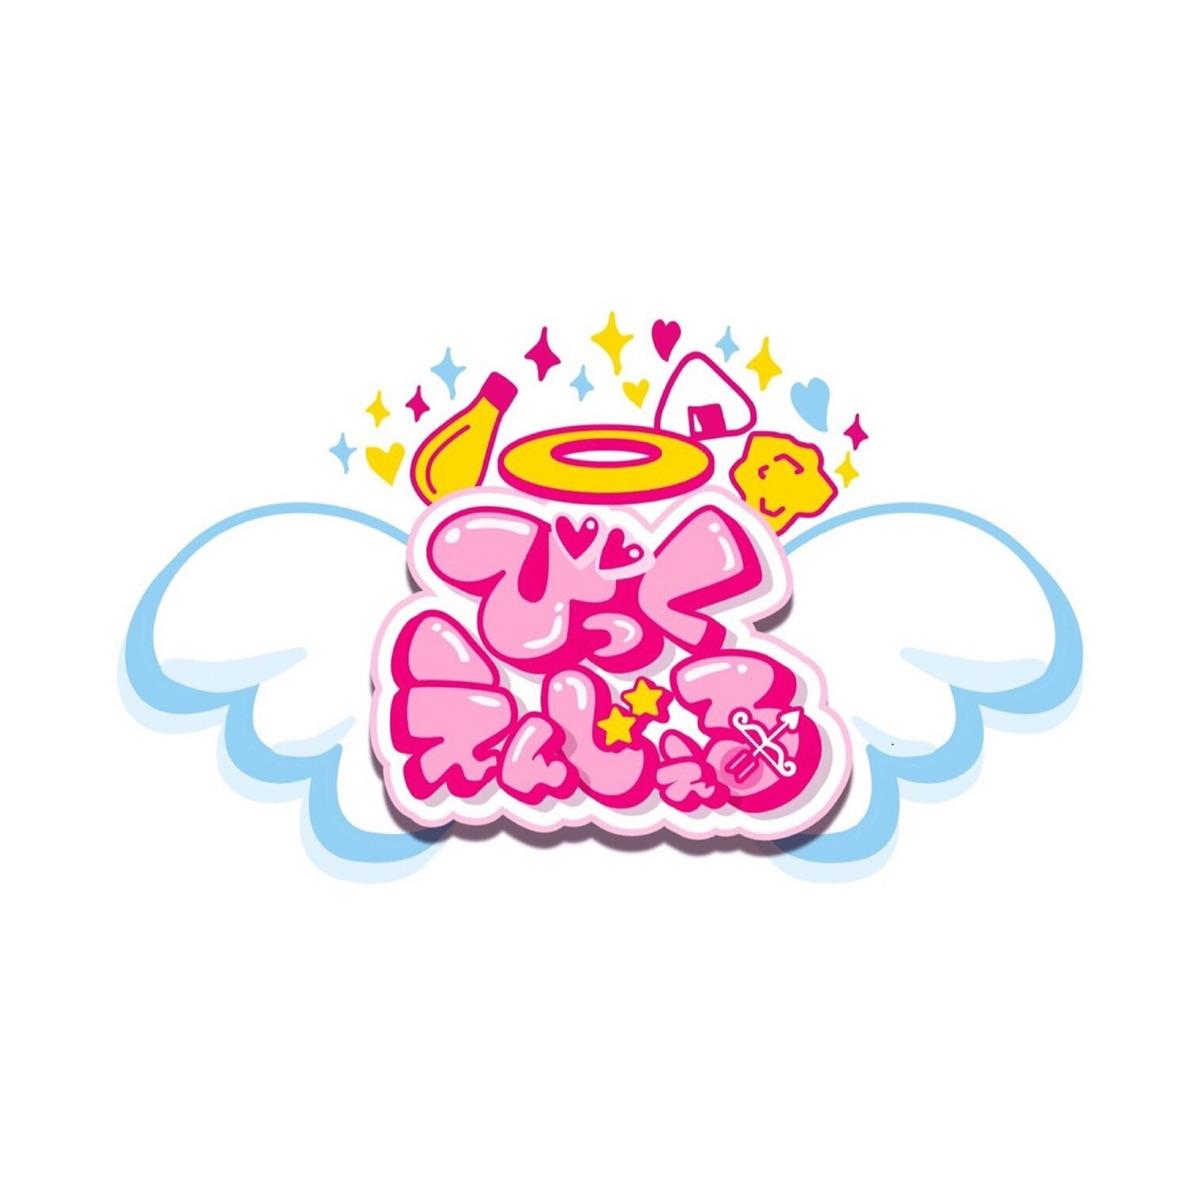 『びっくえんじぇる - ダイエット始めなきゃ』収録の『Hungry☆Box』ジャケット